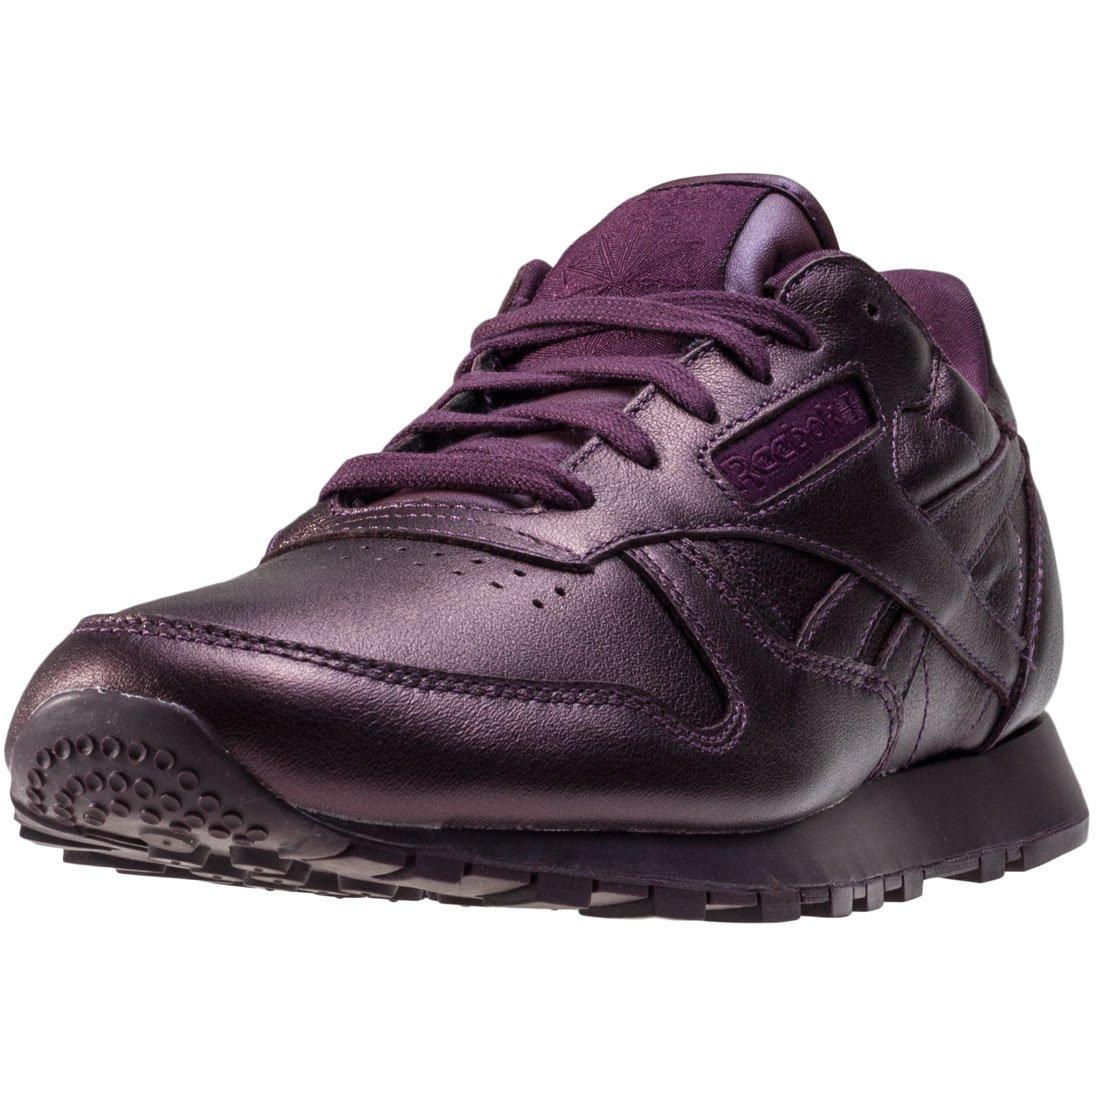 9d791382f Reebok Cl Face Fashio, Women's Sneakers: Amazon.co.uk: Shoes & Bags